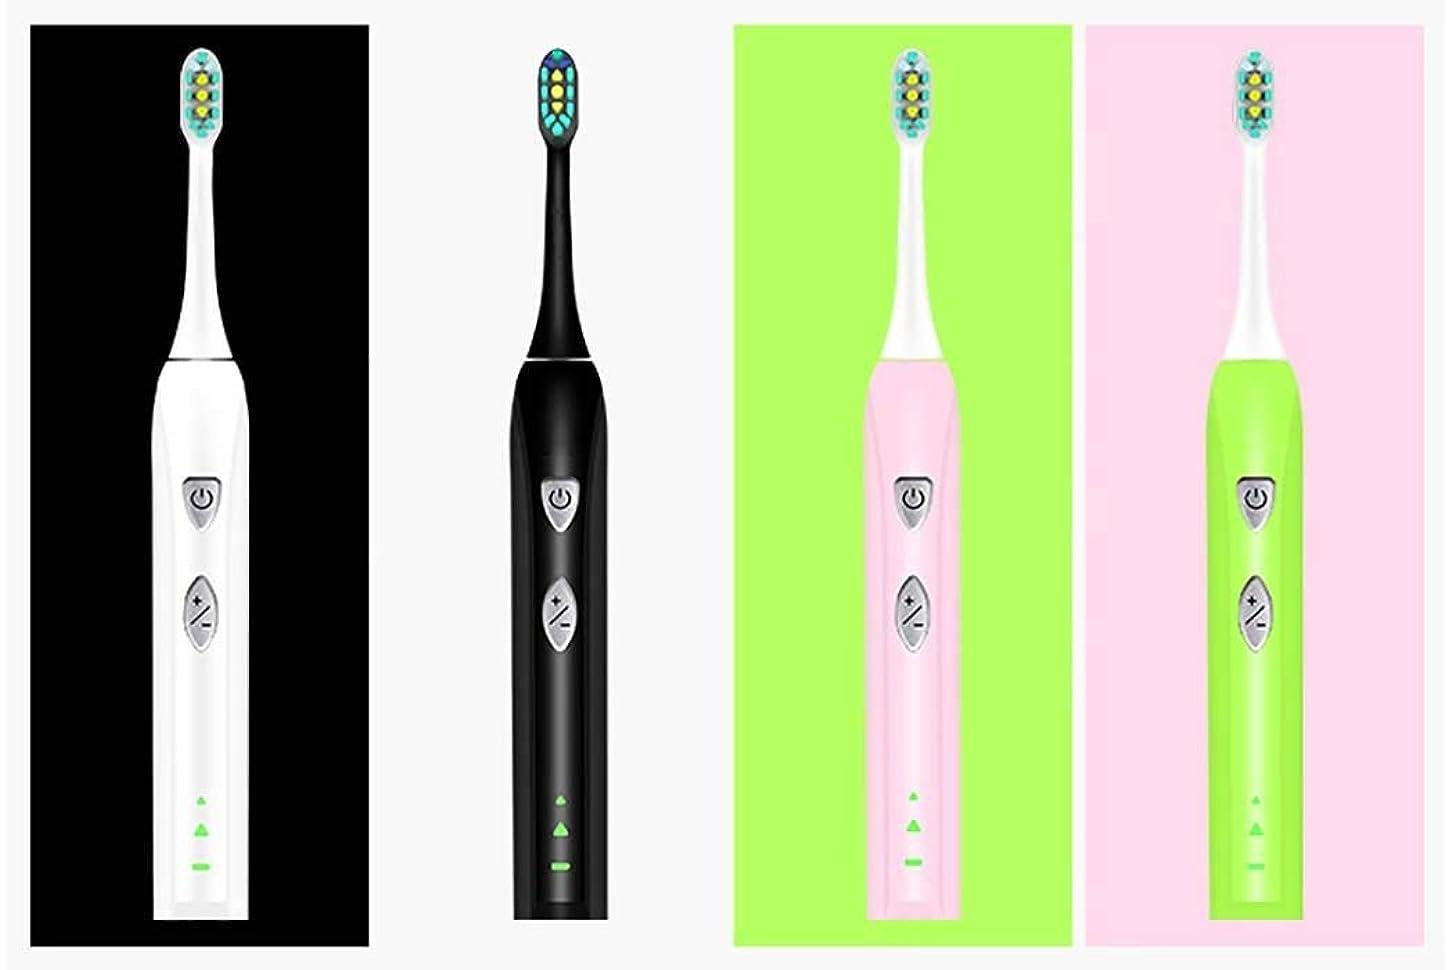 単にに付けるヘア電動歯ブラシ、フルオートソニック電動歯ブラシ、トラベルボックス付きインテリジェント充電自動歯ブラシ、スマートタイマー、ミュート防水(カラー:グリーン)